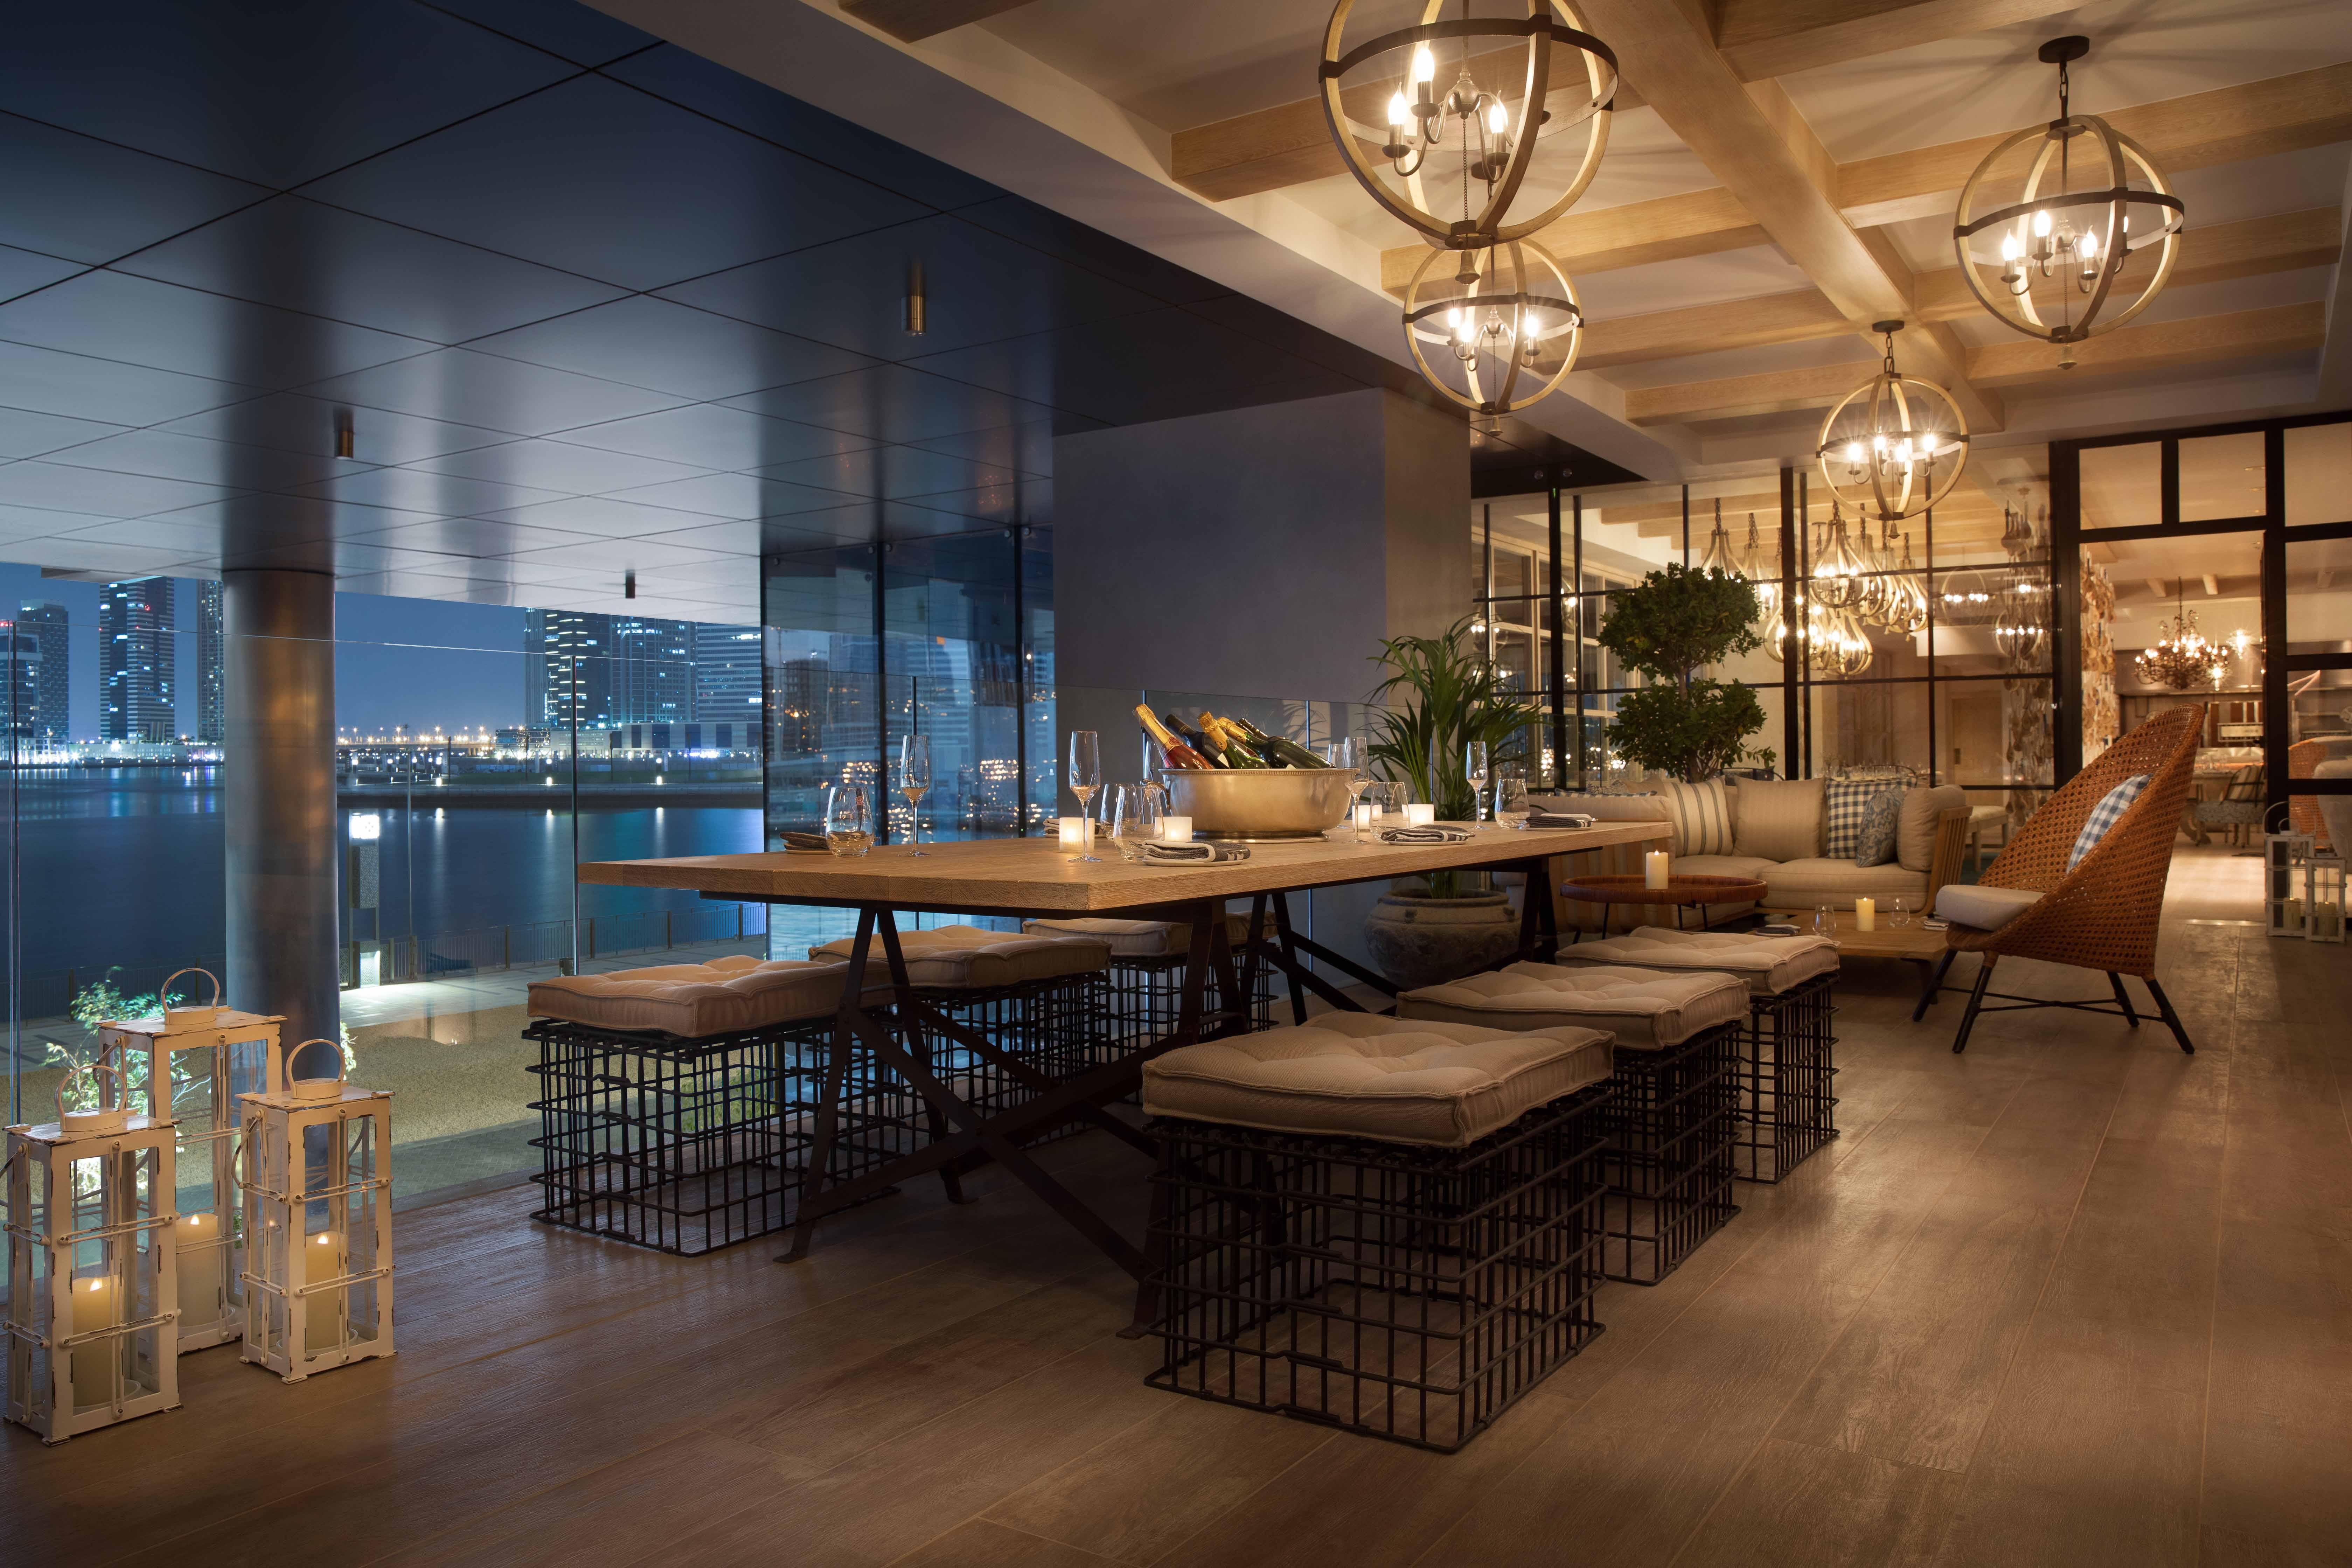 Dubai Happy Hour Offers at Renaissance Downtown Hotel Dubai